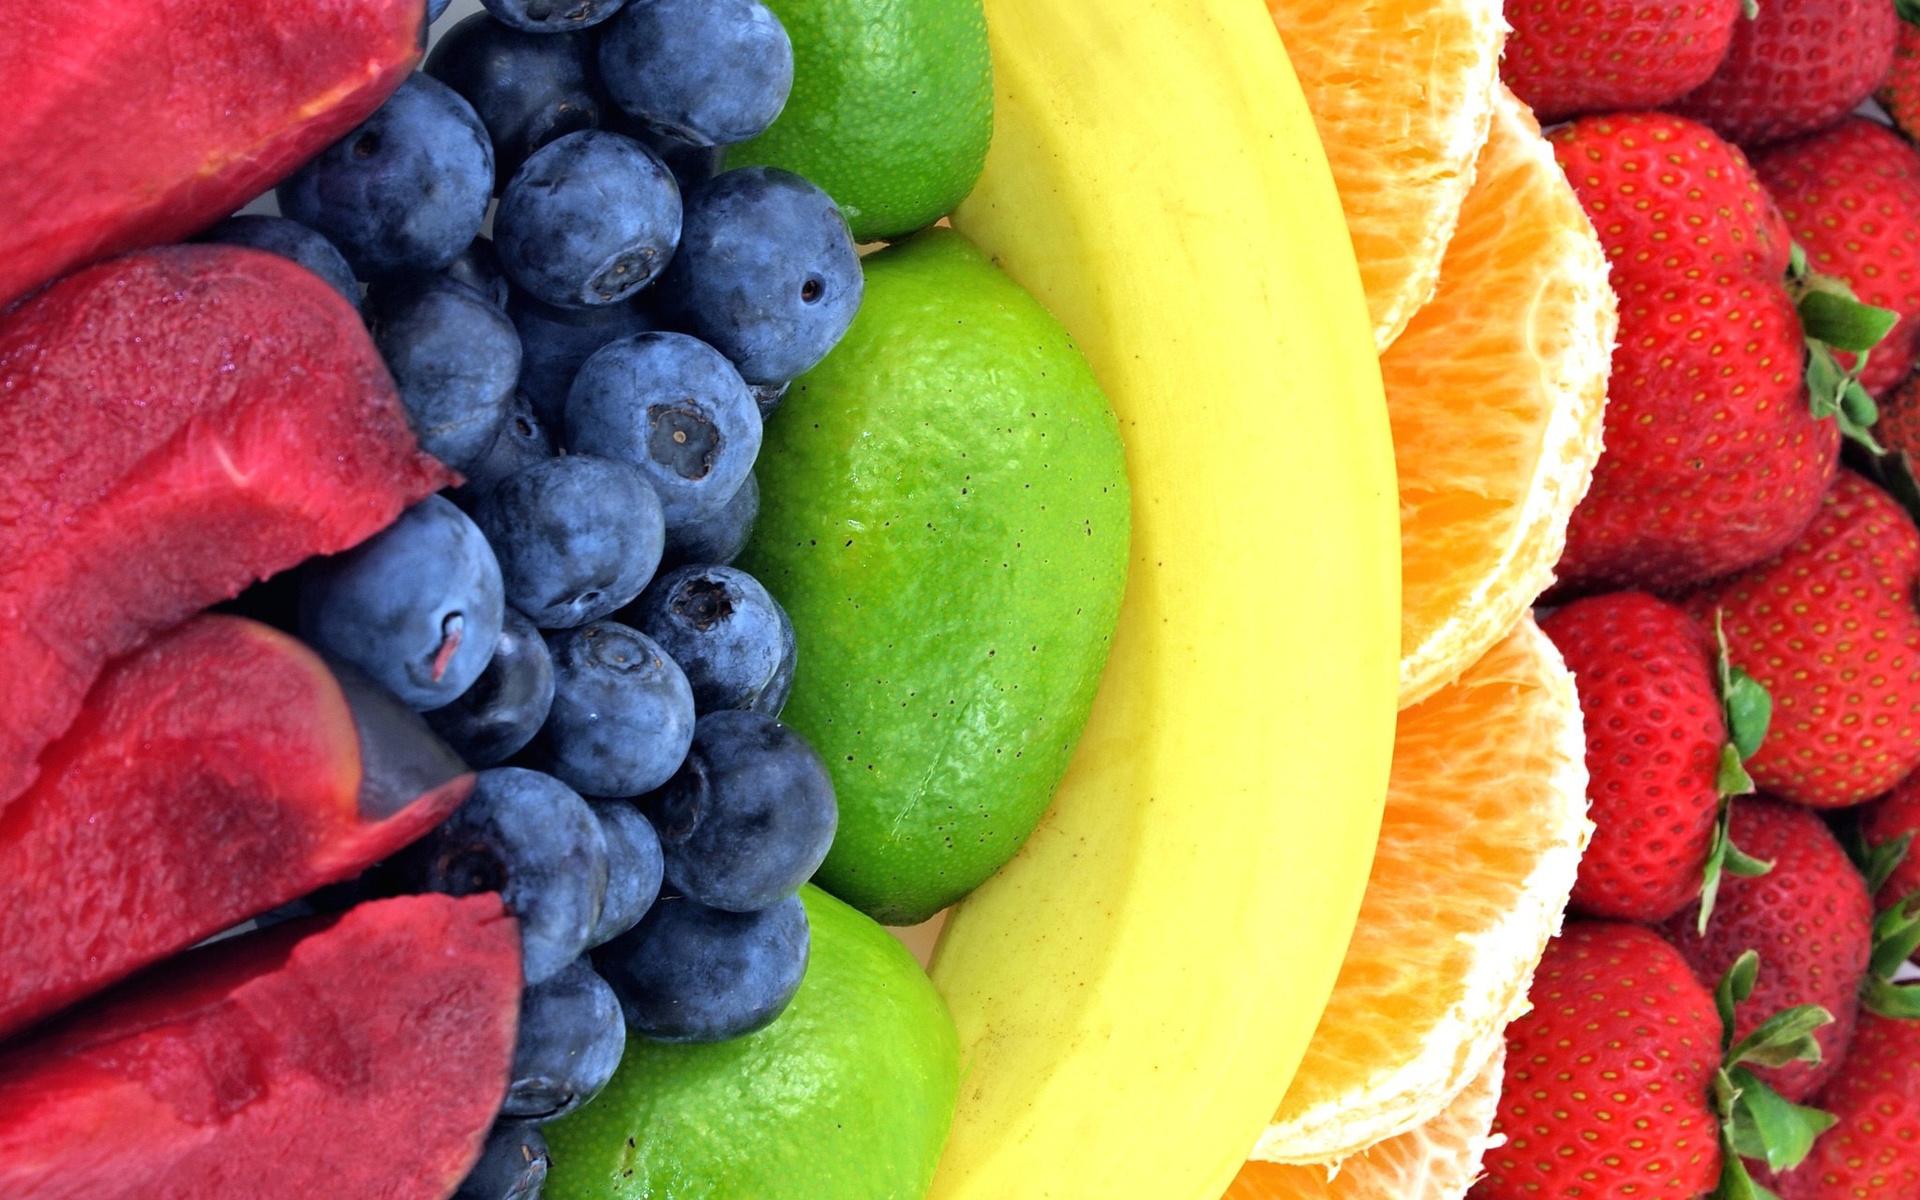 банан, апельсин, клубника